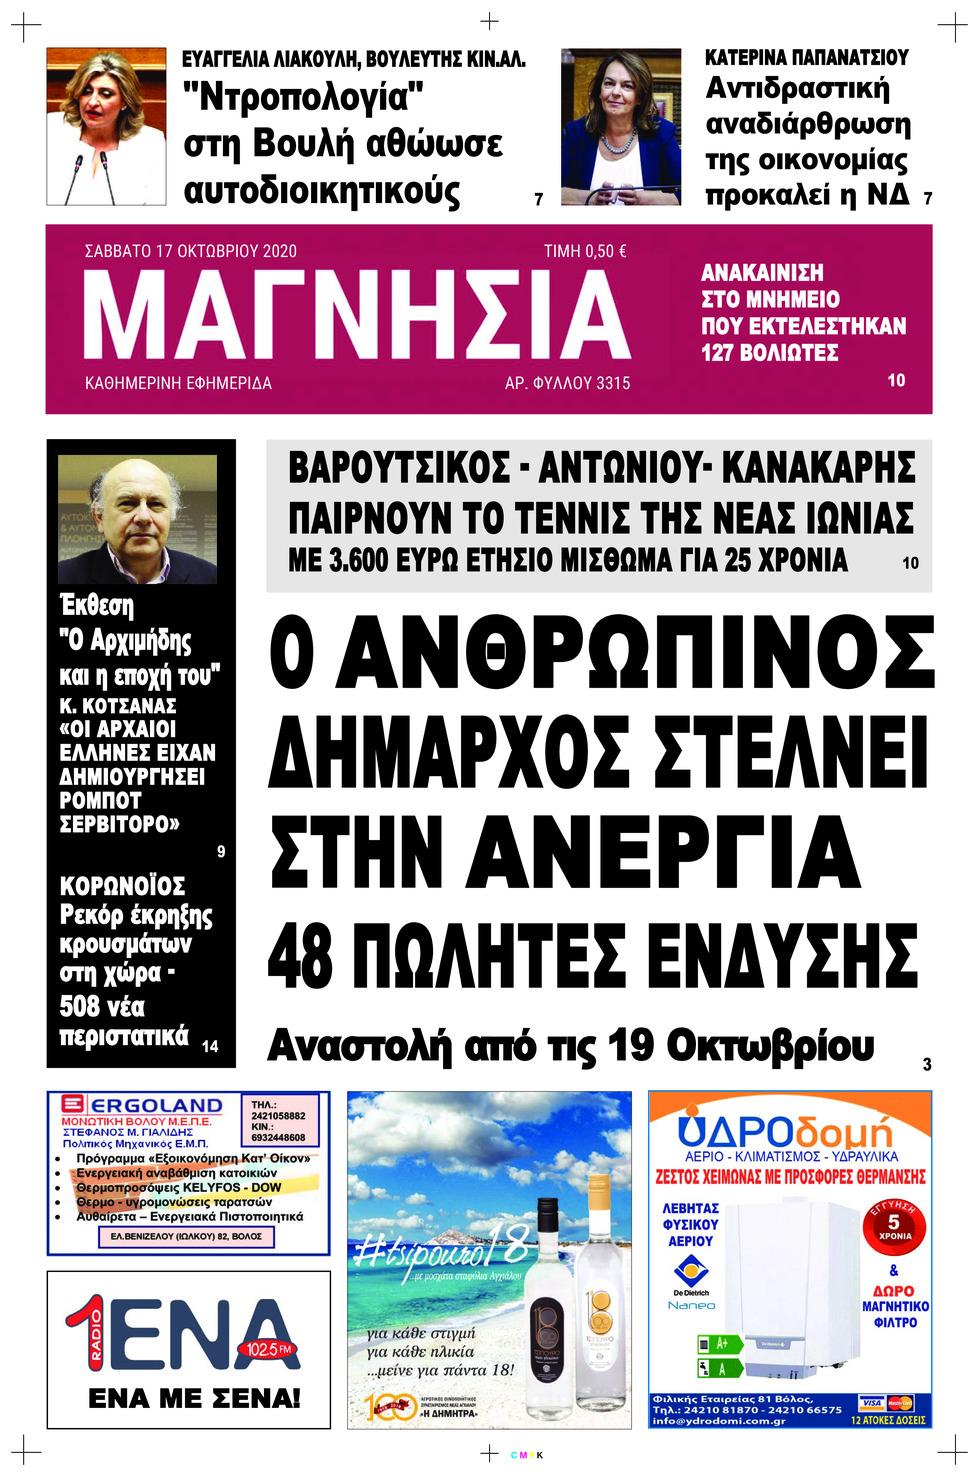 Πρωτοσέλιδο εφημερίδας Μαγνησία